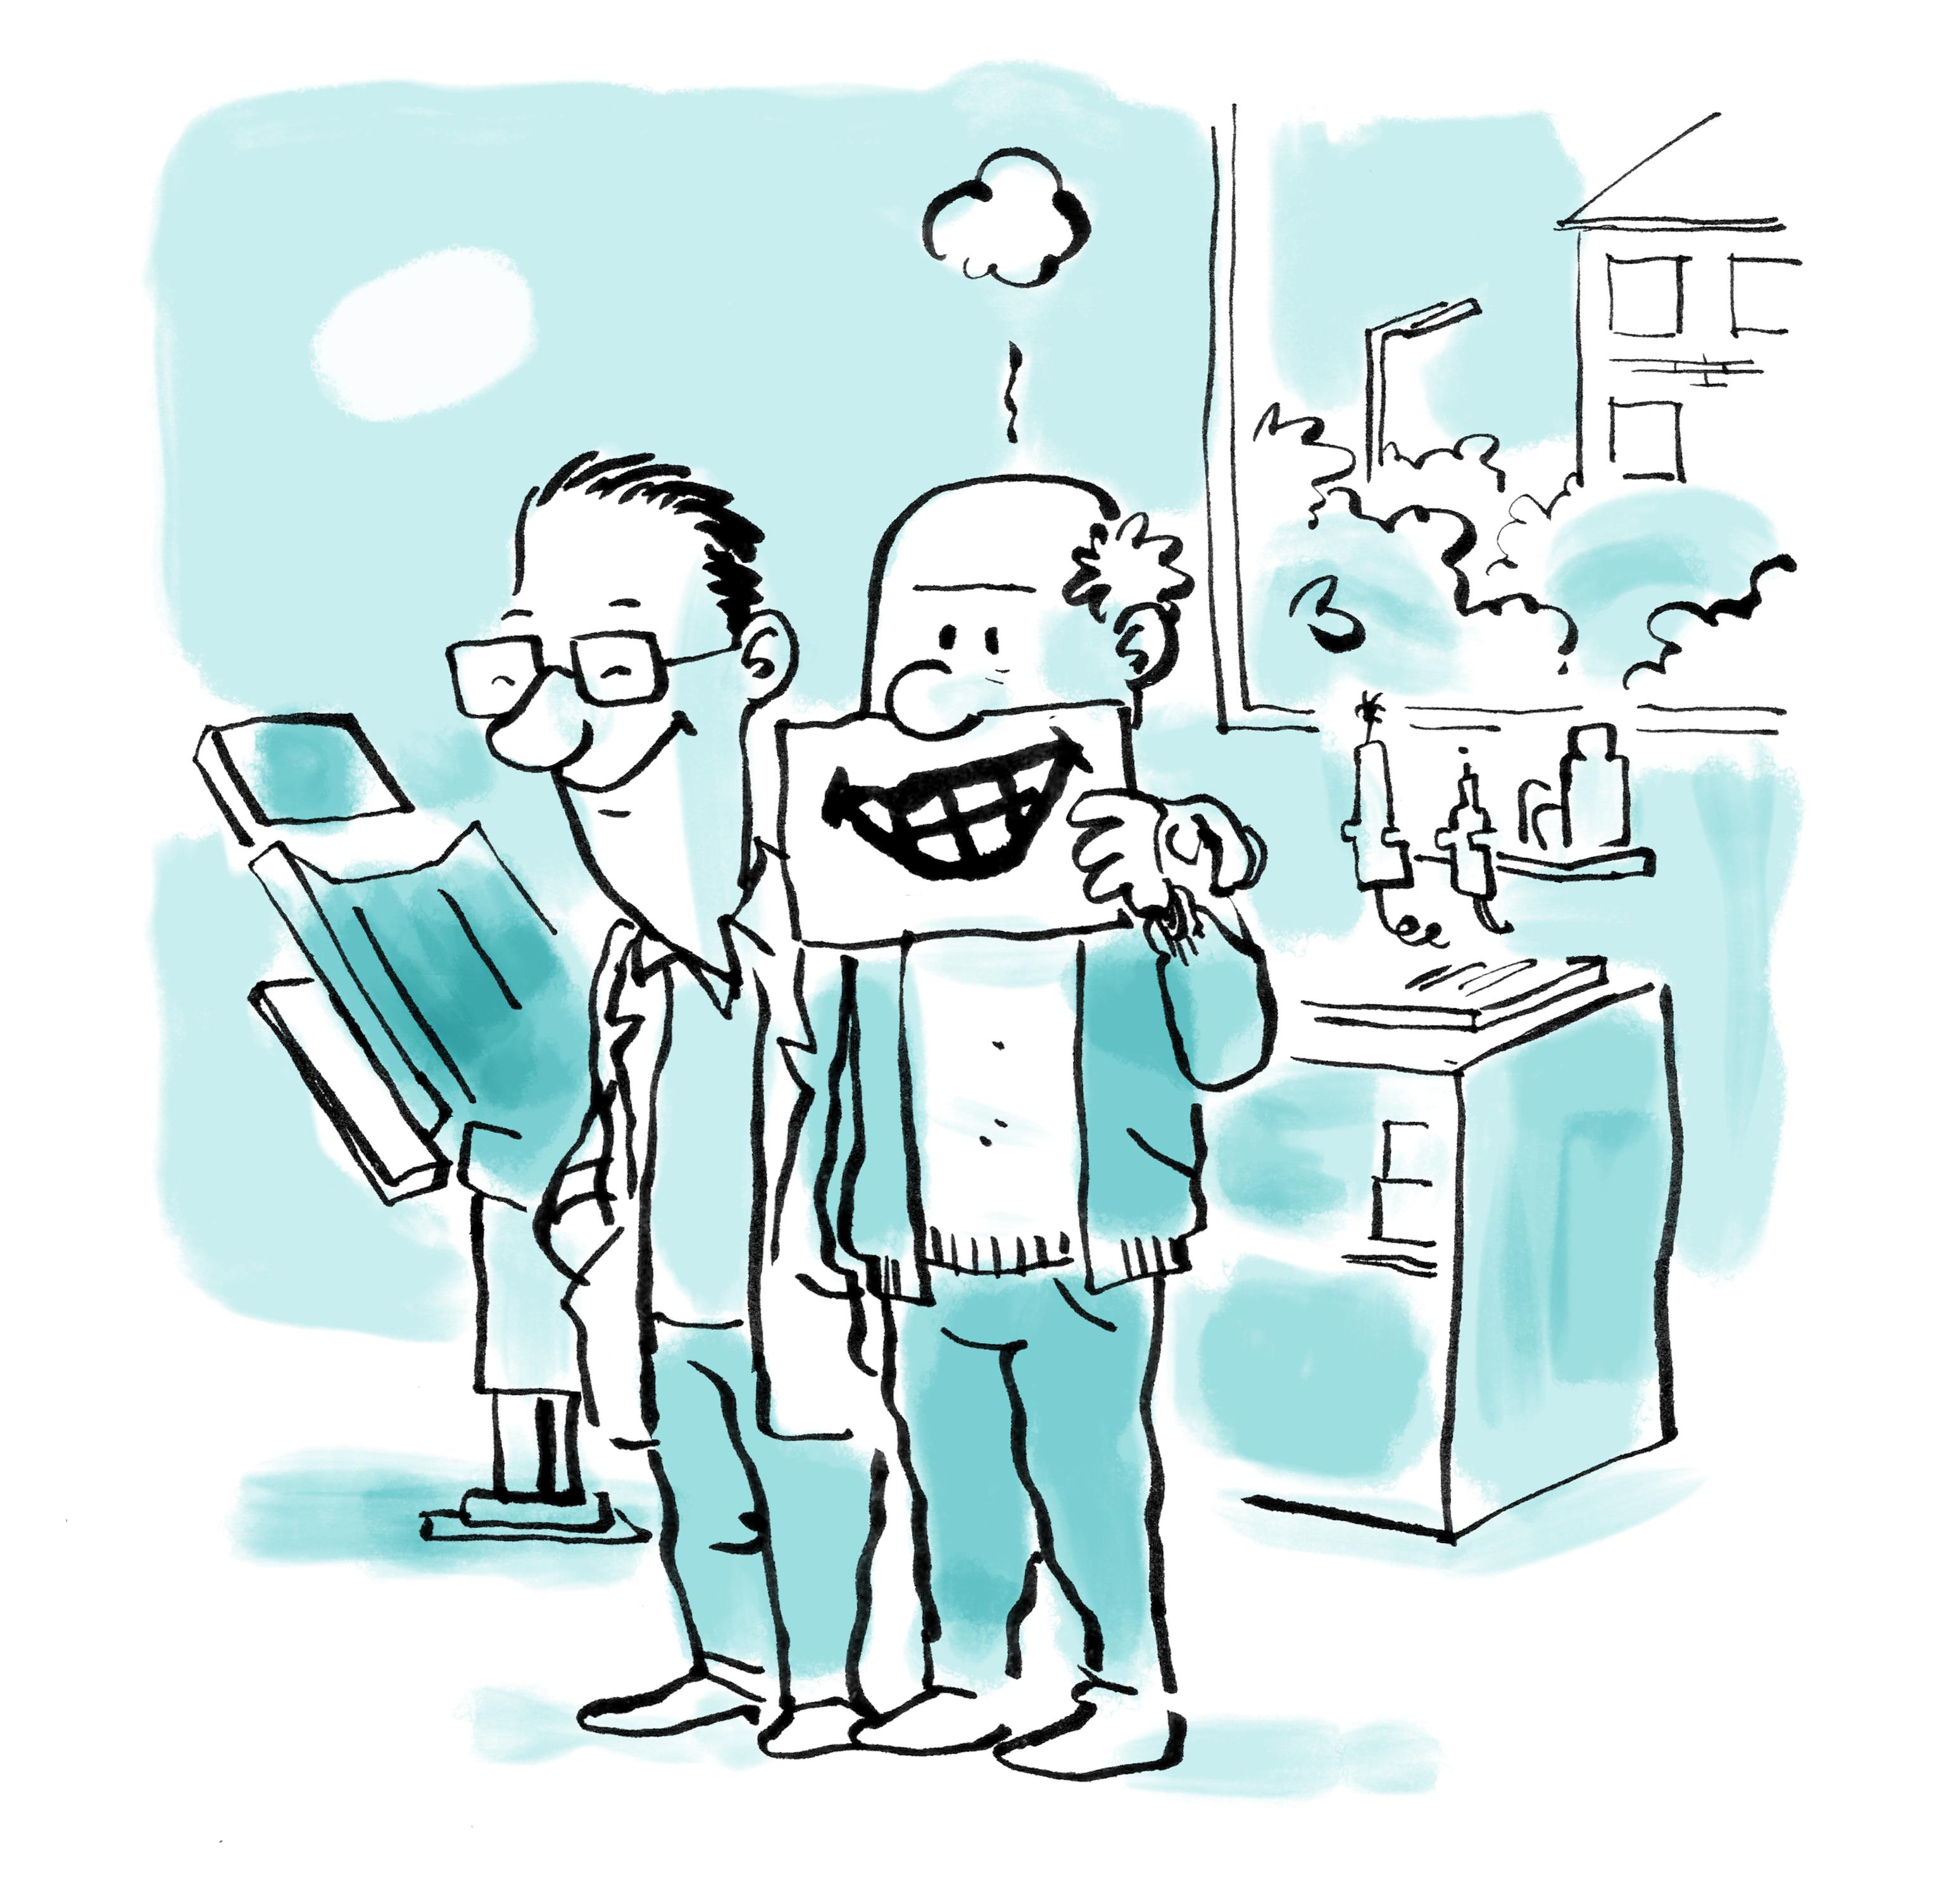 Tegning af ældre mand der har været til tandlægen